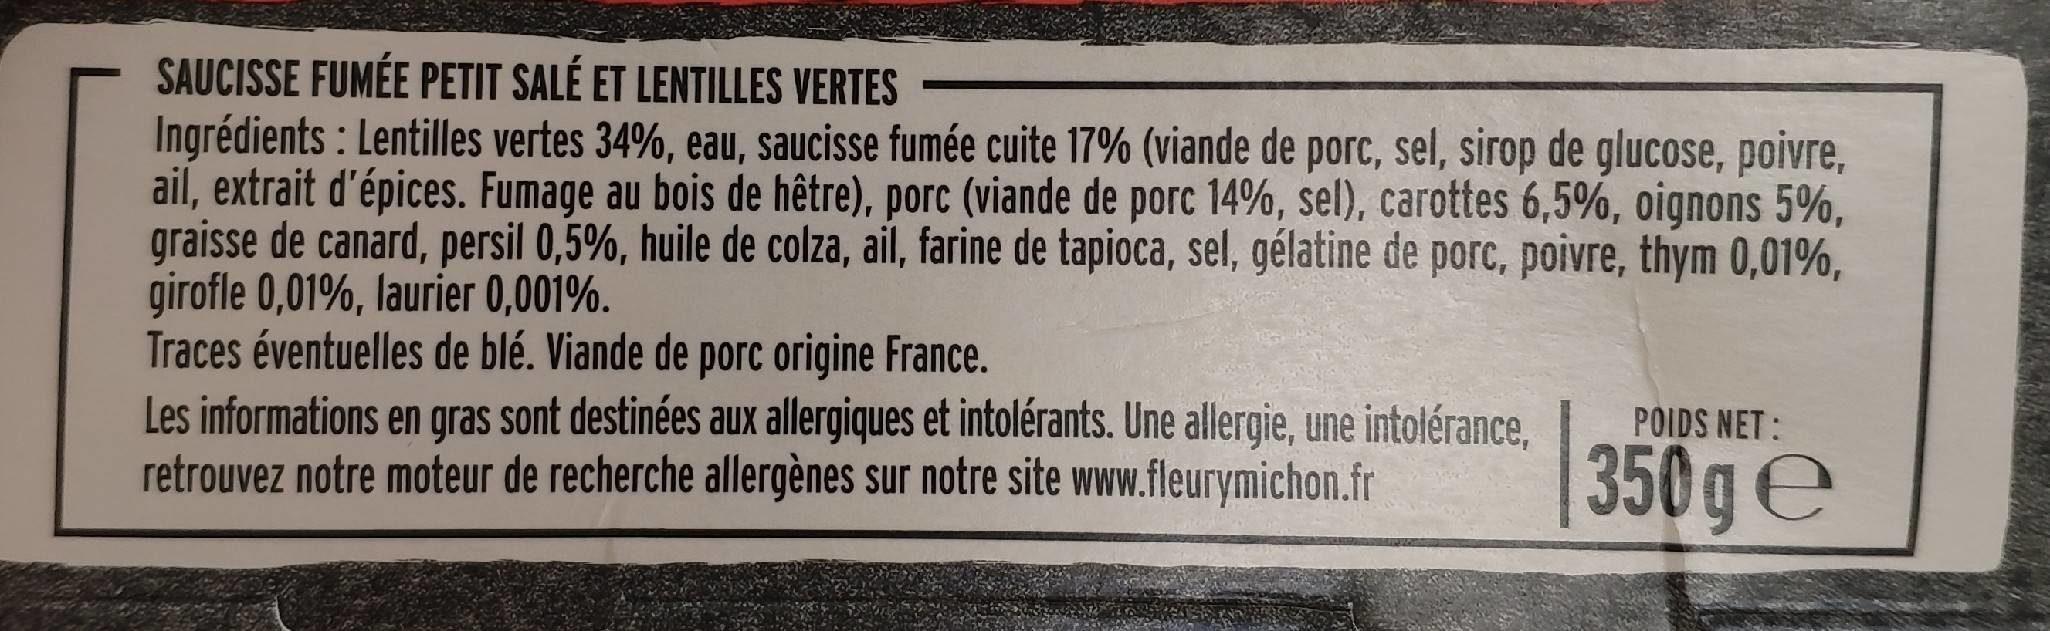 Petit Salé aux lentilles vertes - Ingredients